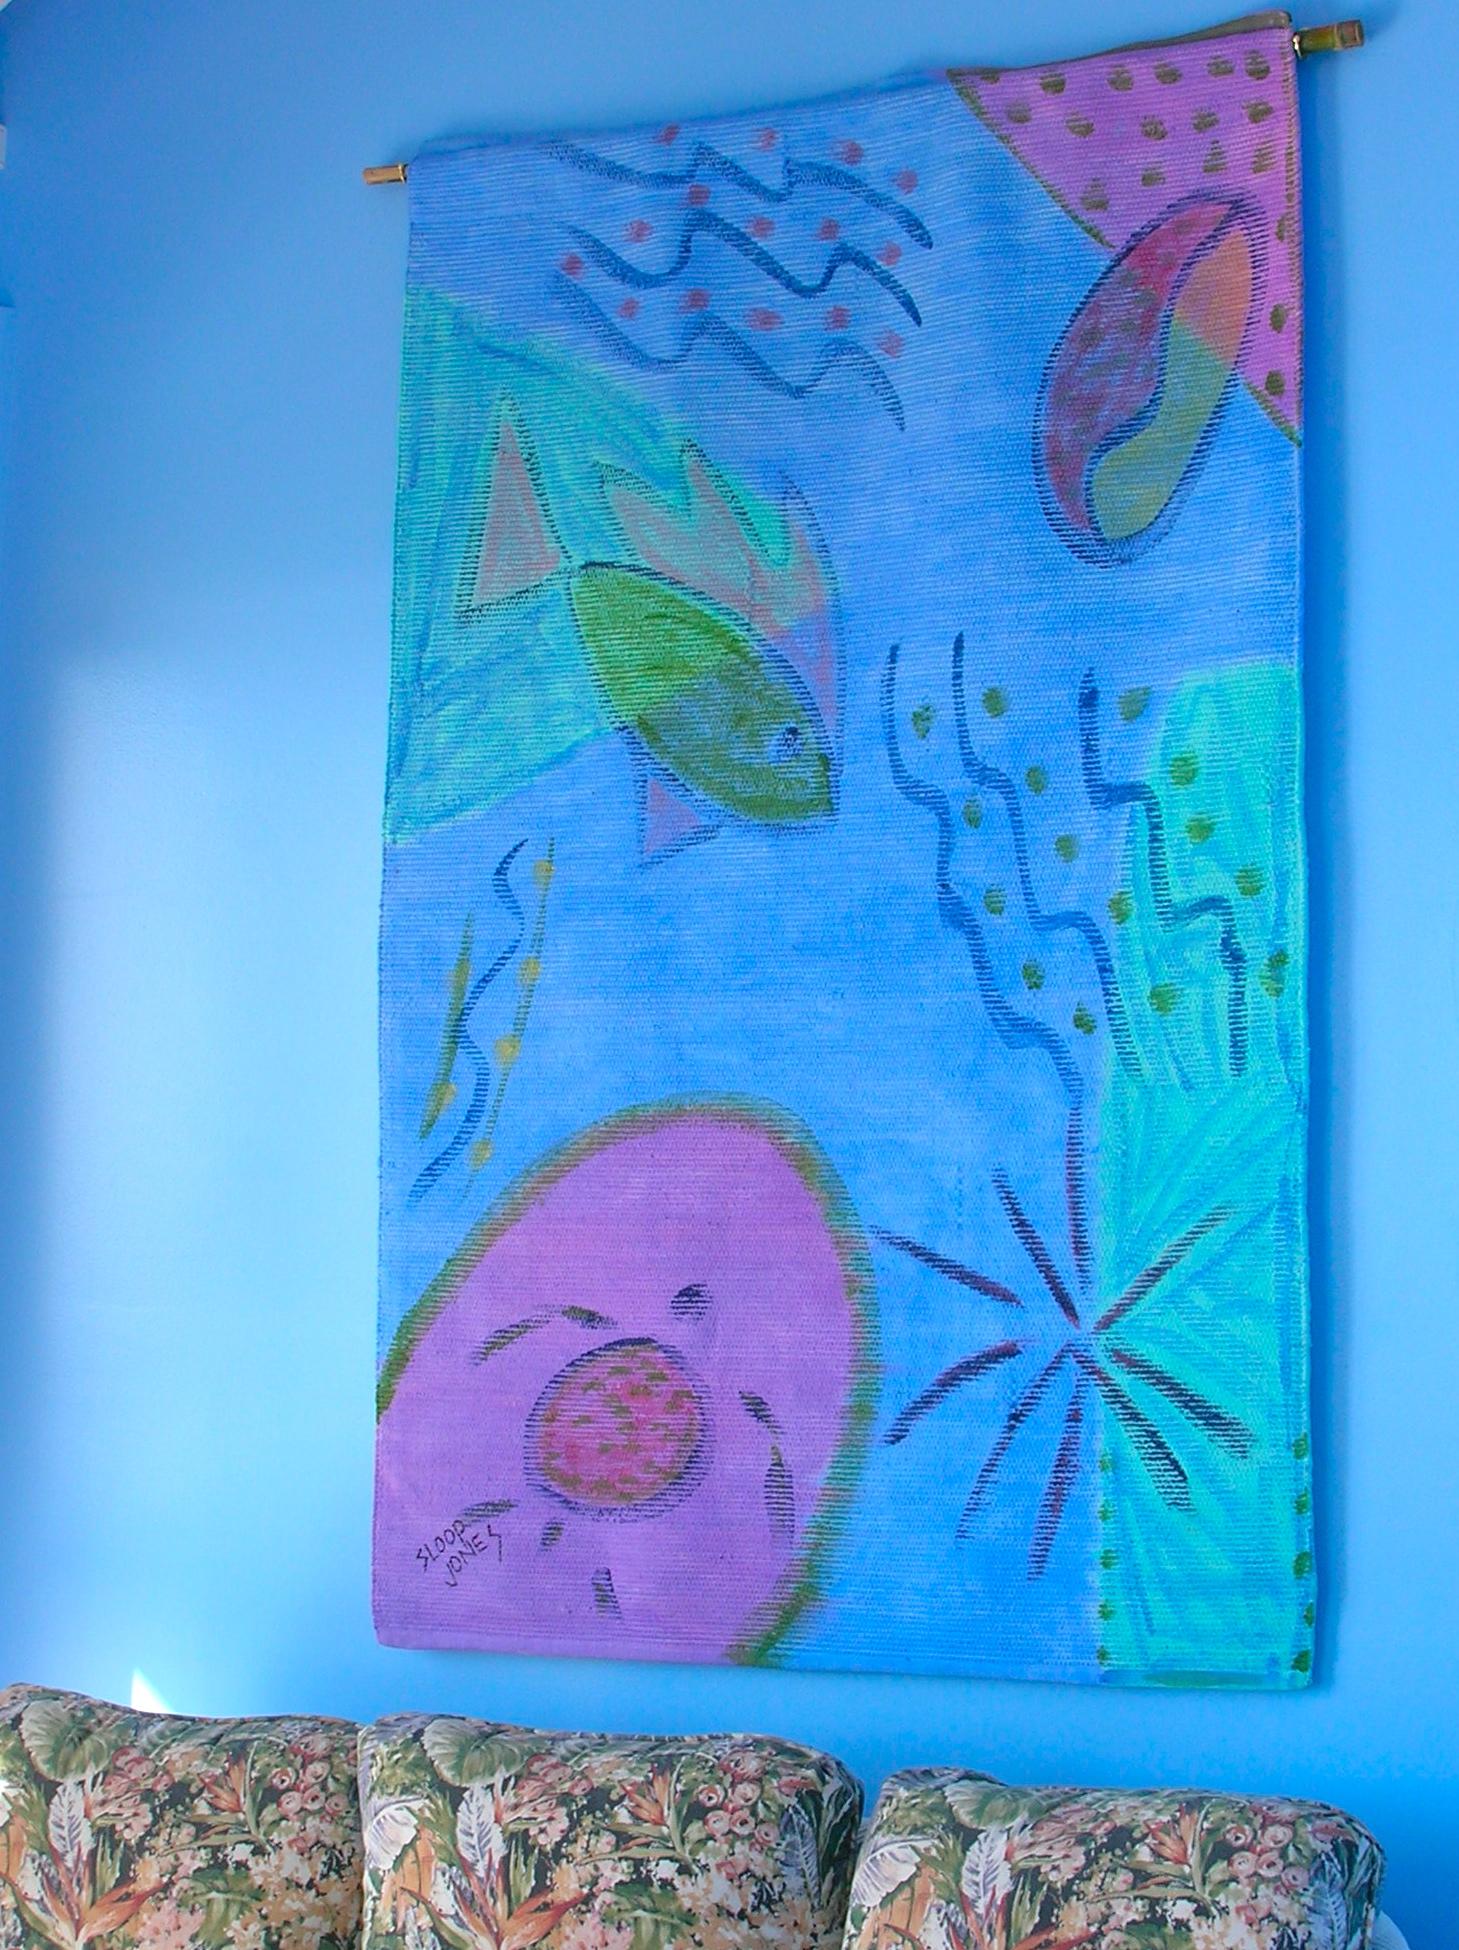 Wall hanging in Wild Jasmine VillaSt. John VI